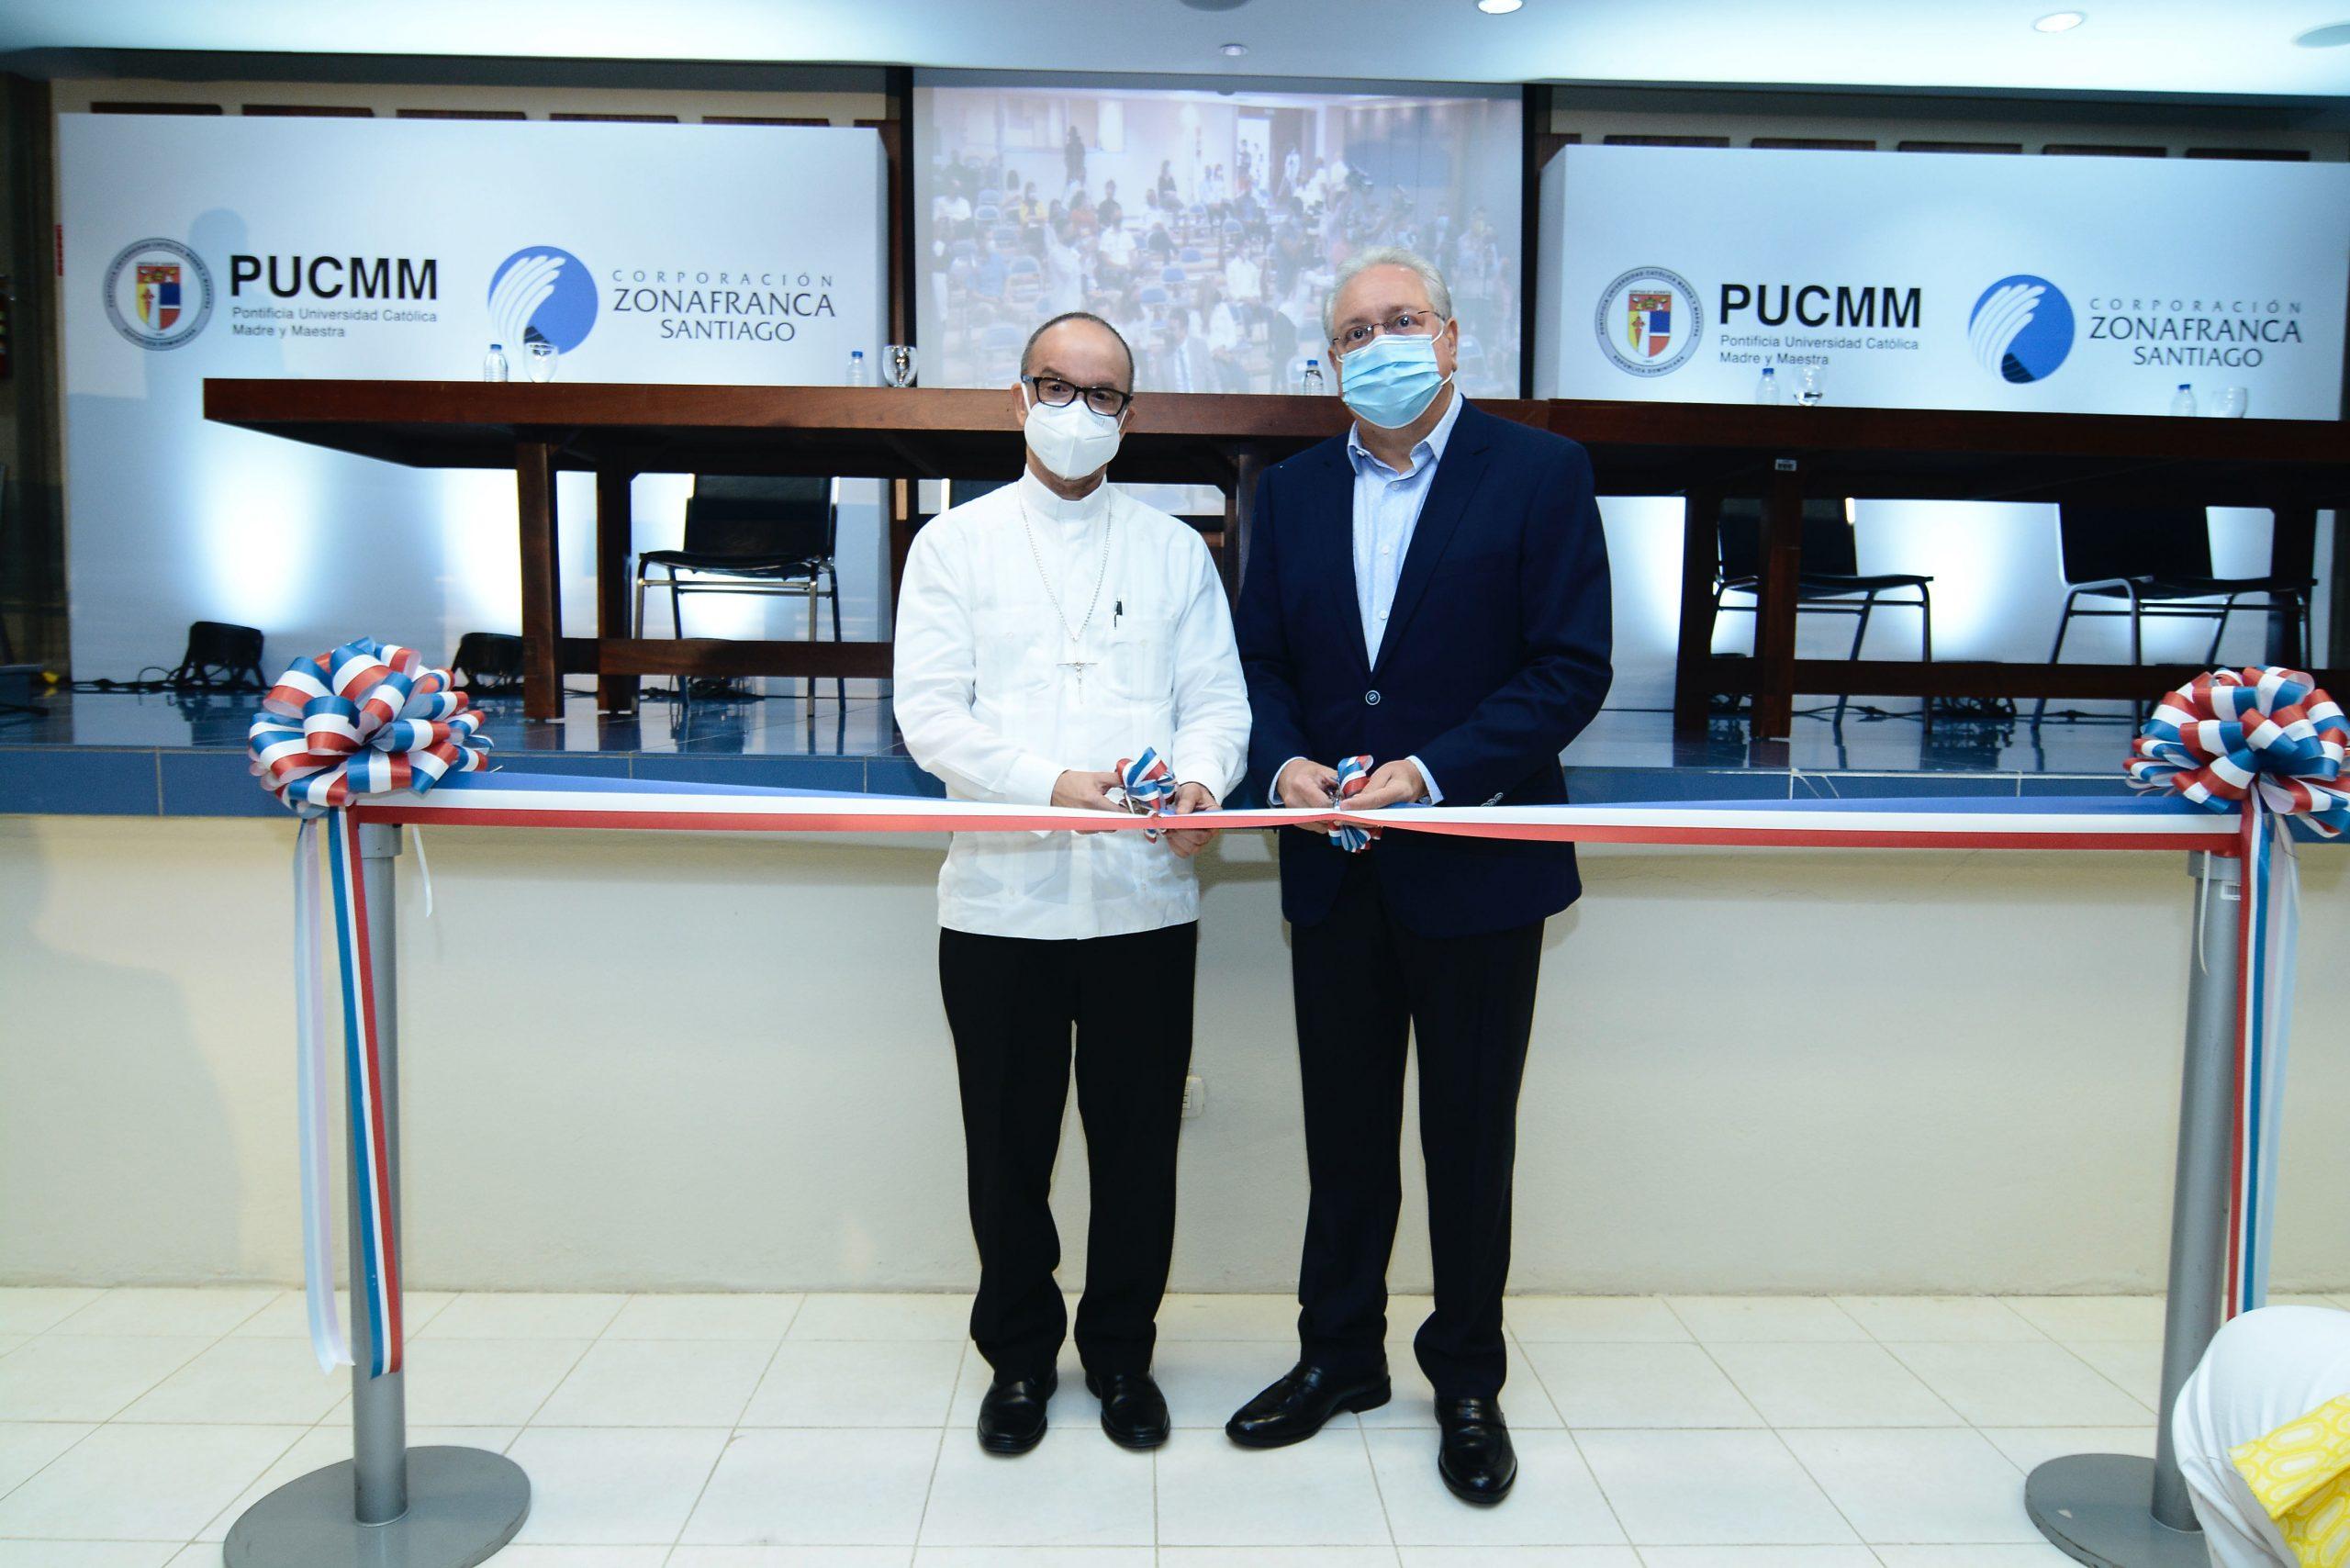 PUCMM y CZFS inauguran laboratorios de ingeniería